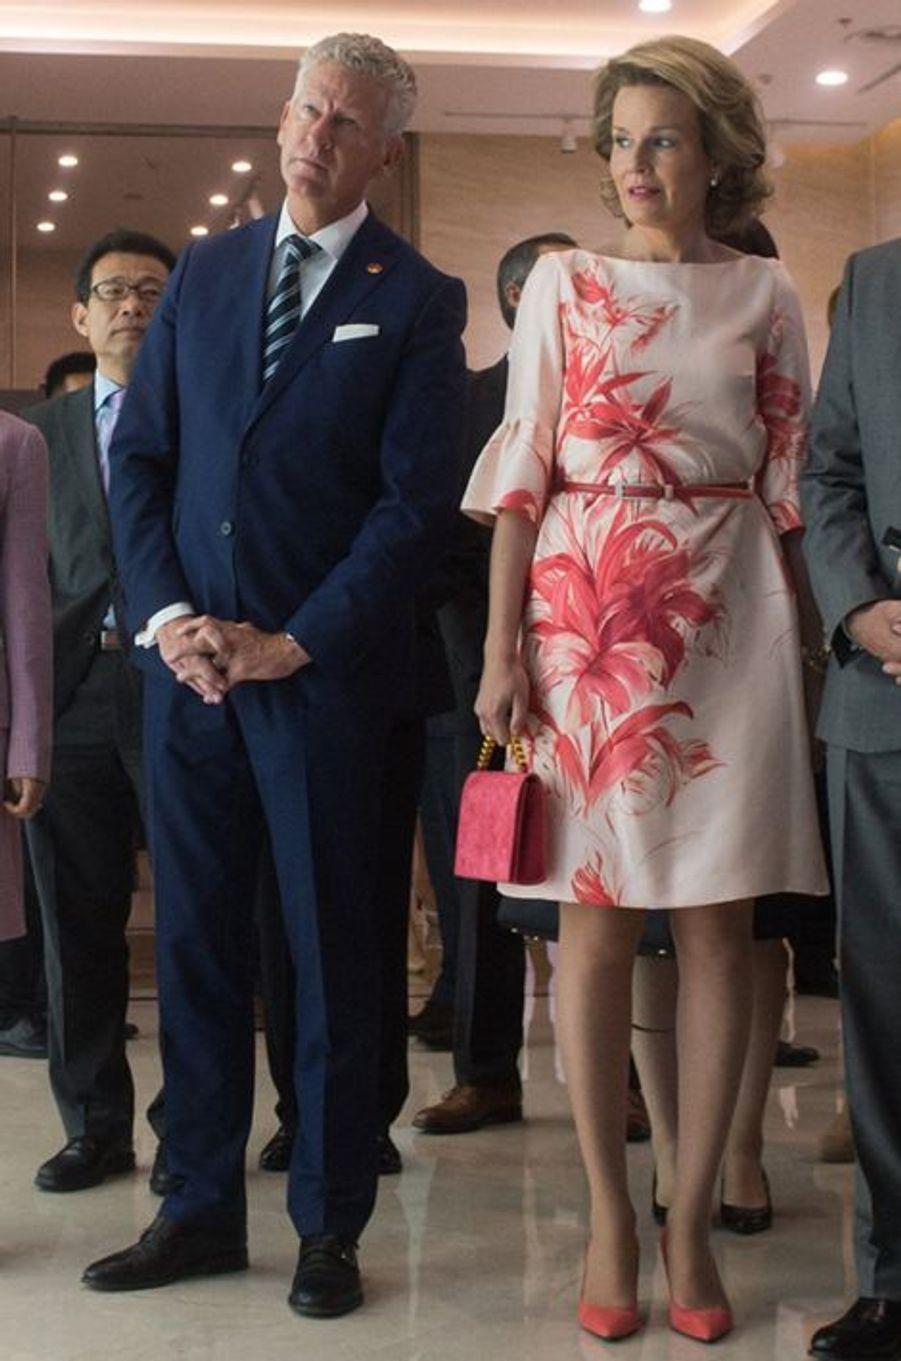 La reine Mathilde et le roi Philippe de Belgique à Wuhan, le 21 juin 2015